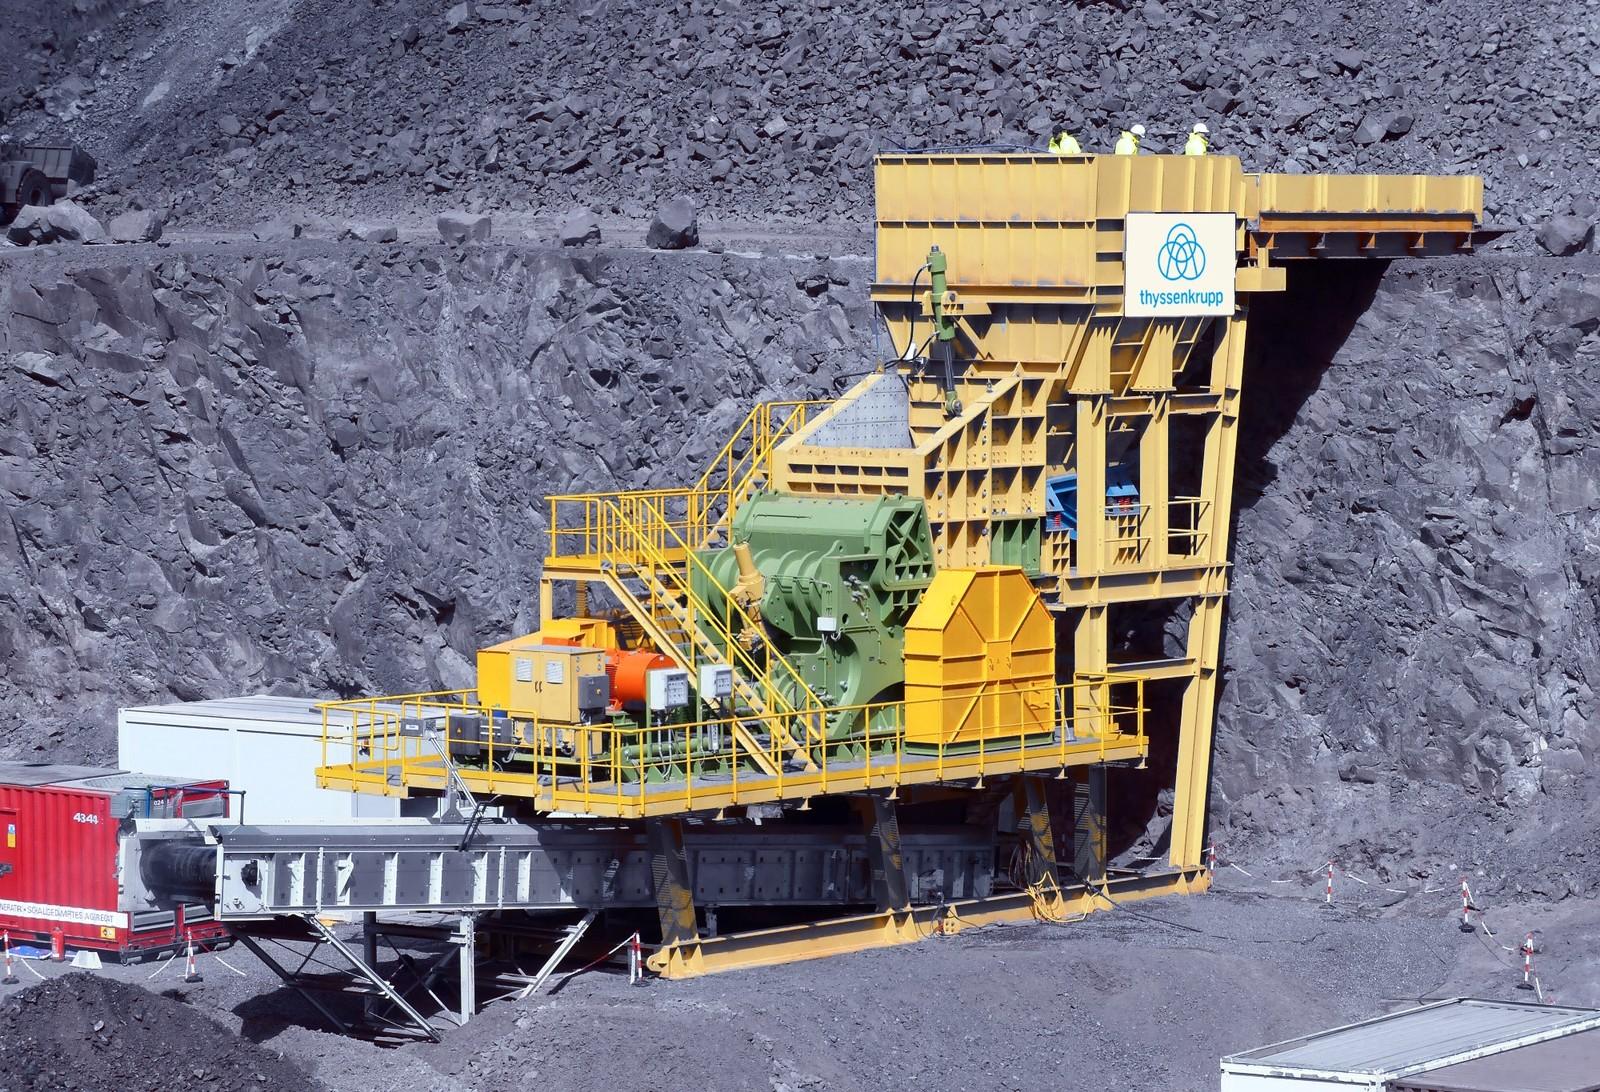 Der neue ERC im Steinbruch während der Testphase. Dank seiner niedrigen Bauweise kann er auch bequem unter Tage eingebaut werden.